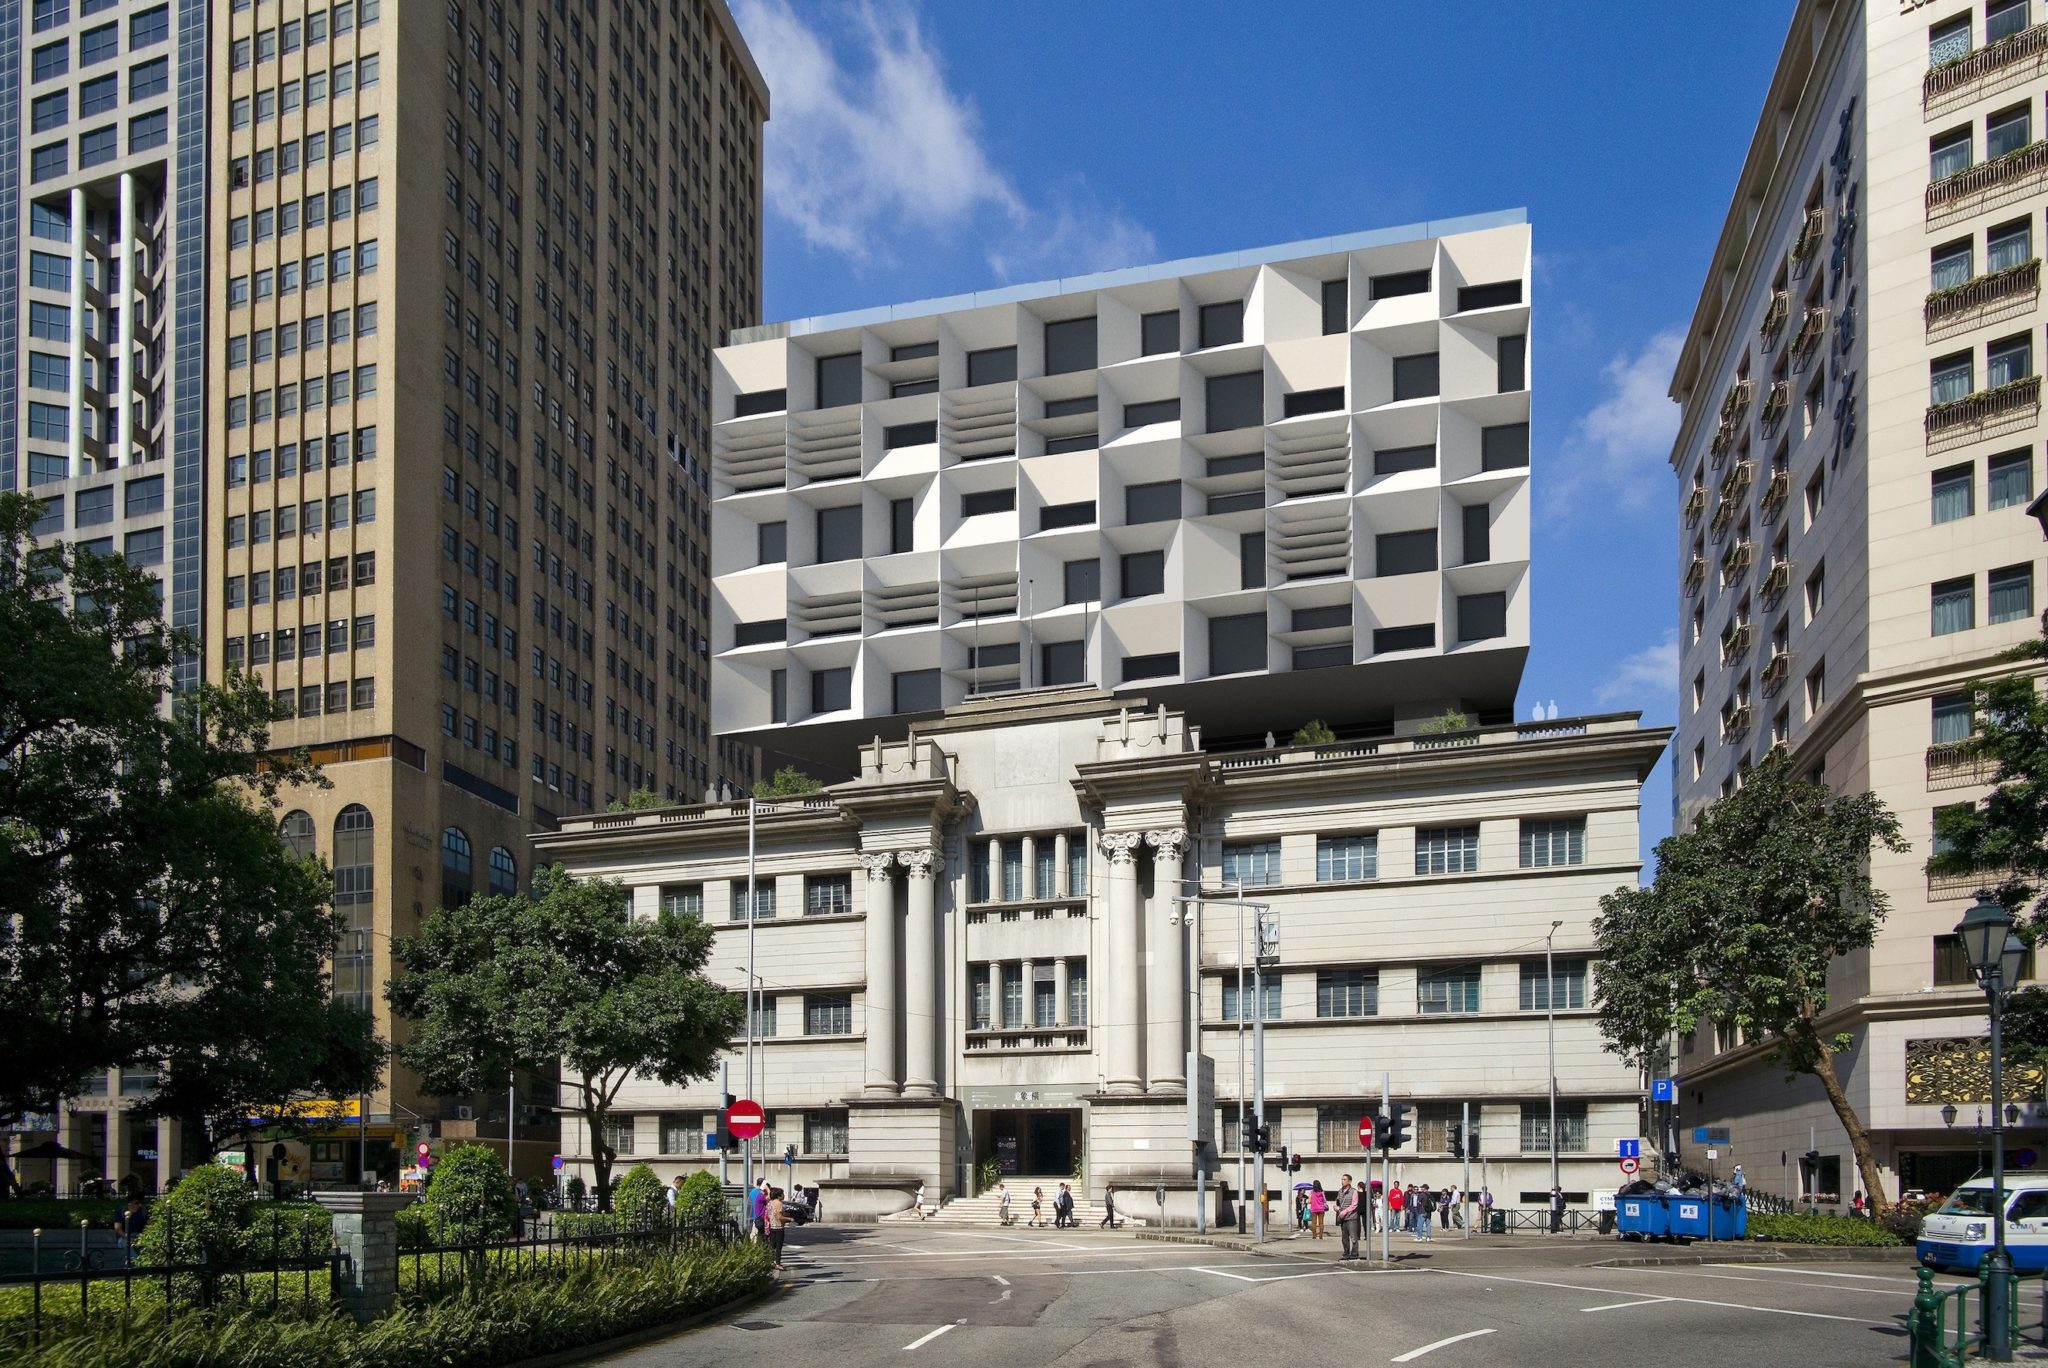 Biblioteca Central | Projecto do ateliê de Carlos Marreiros vence concurso